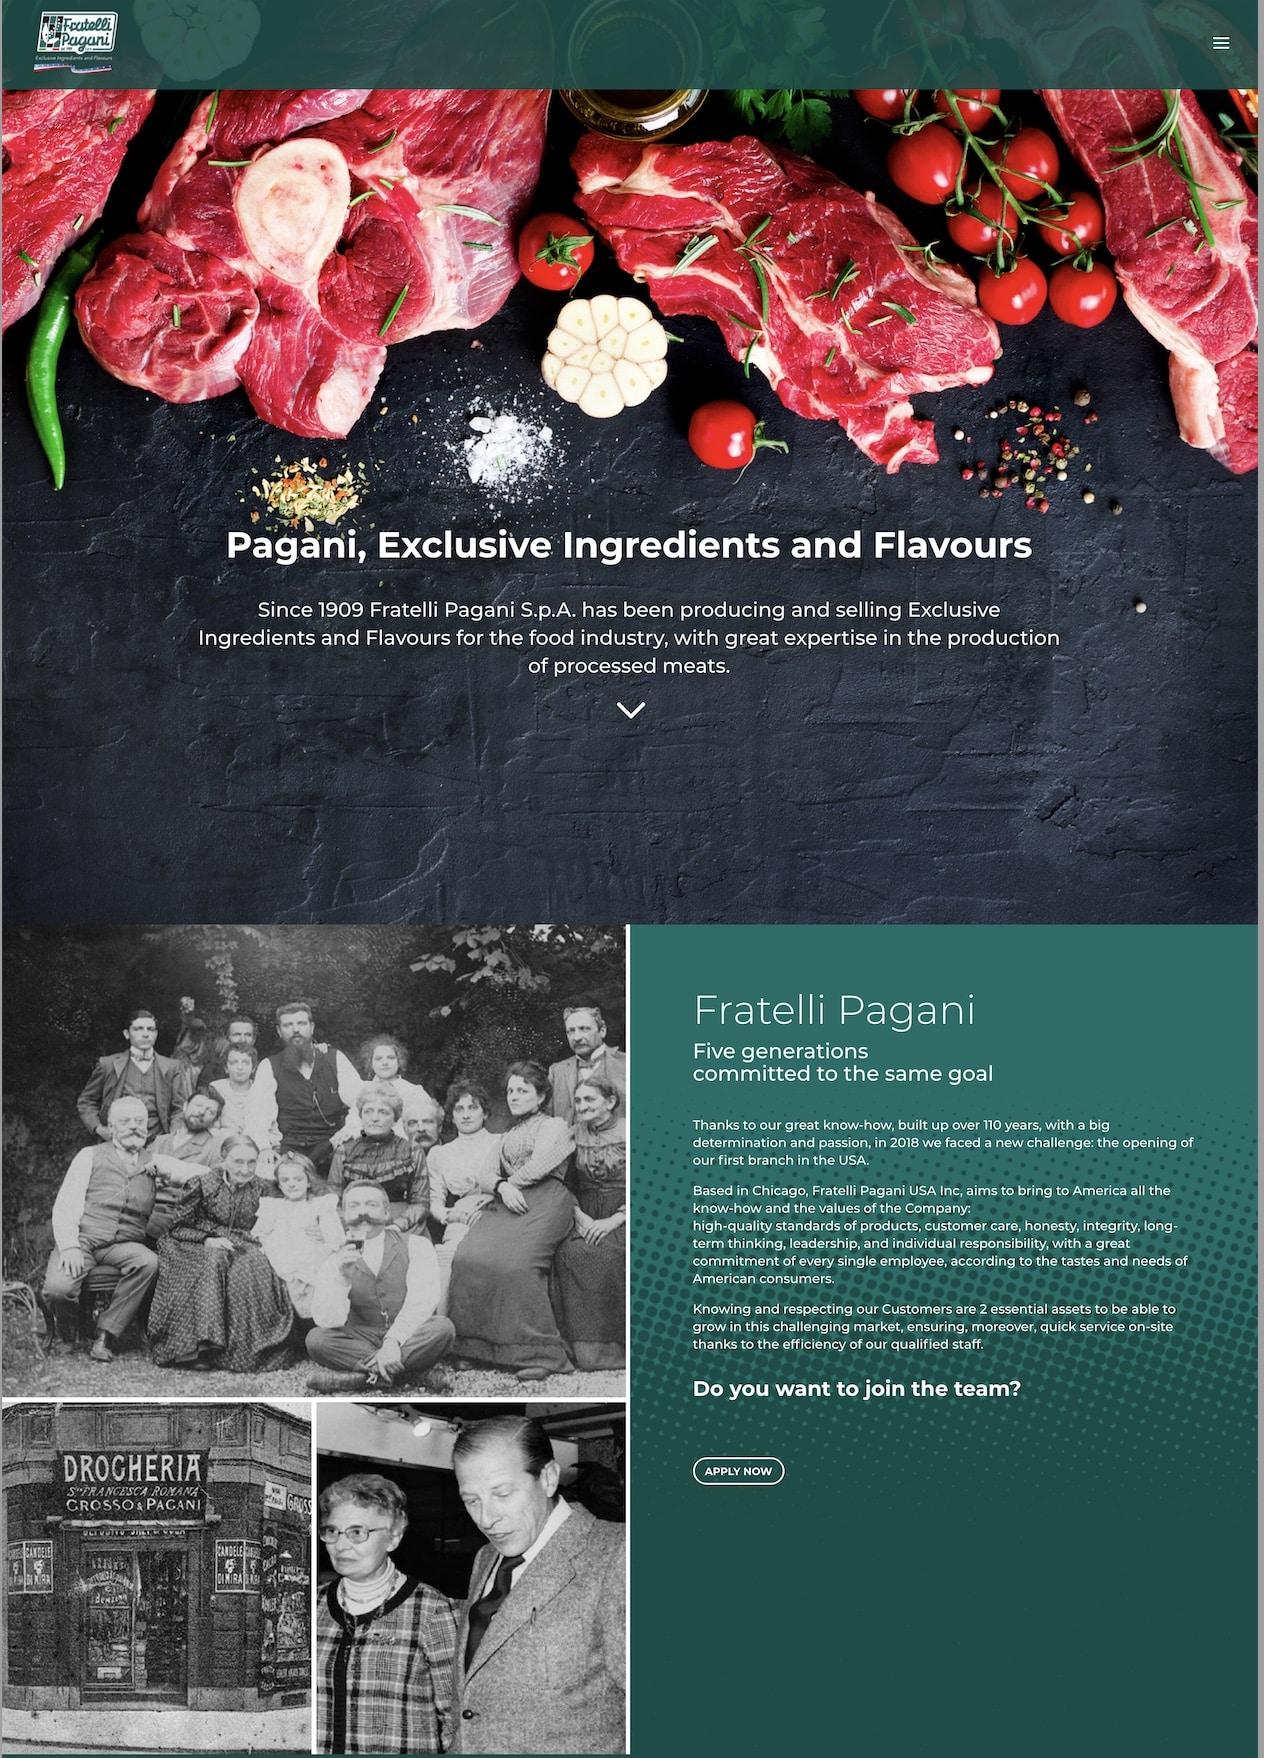 Fratelli Pagani dms3marketing - growth agency